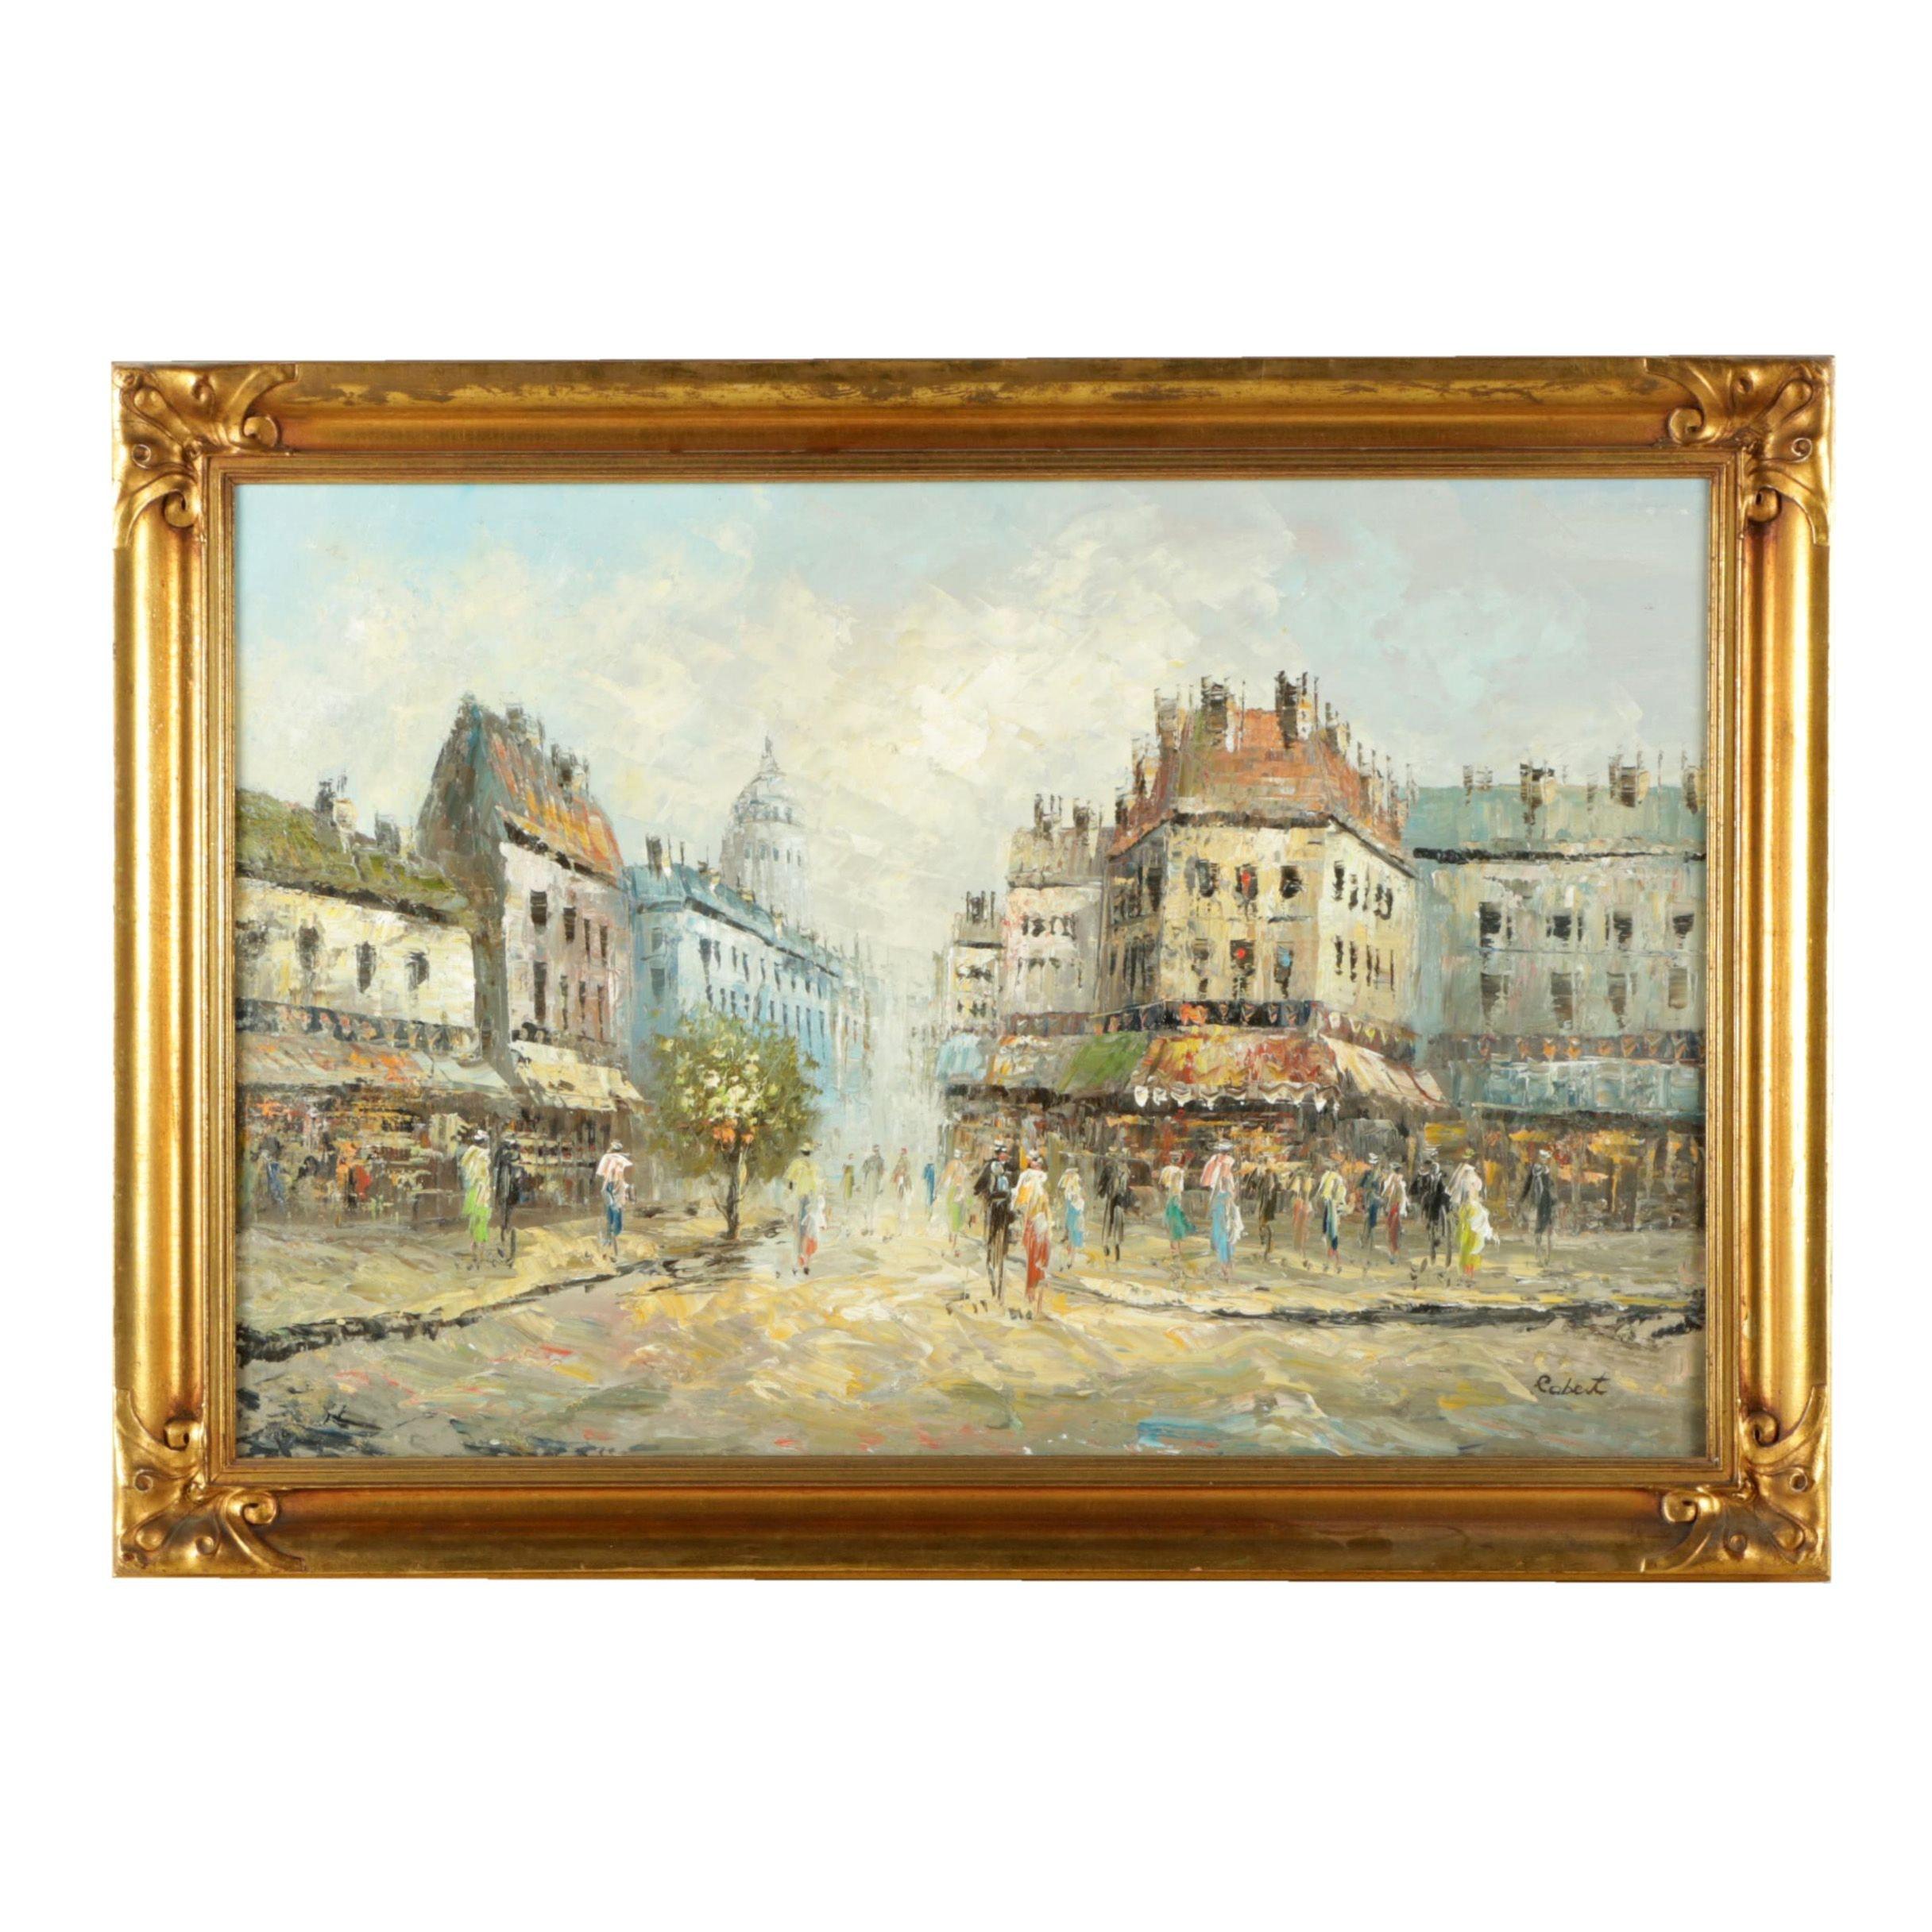 Robert Oil Painting on Canvas of a European Street Scene